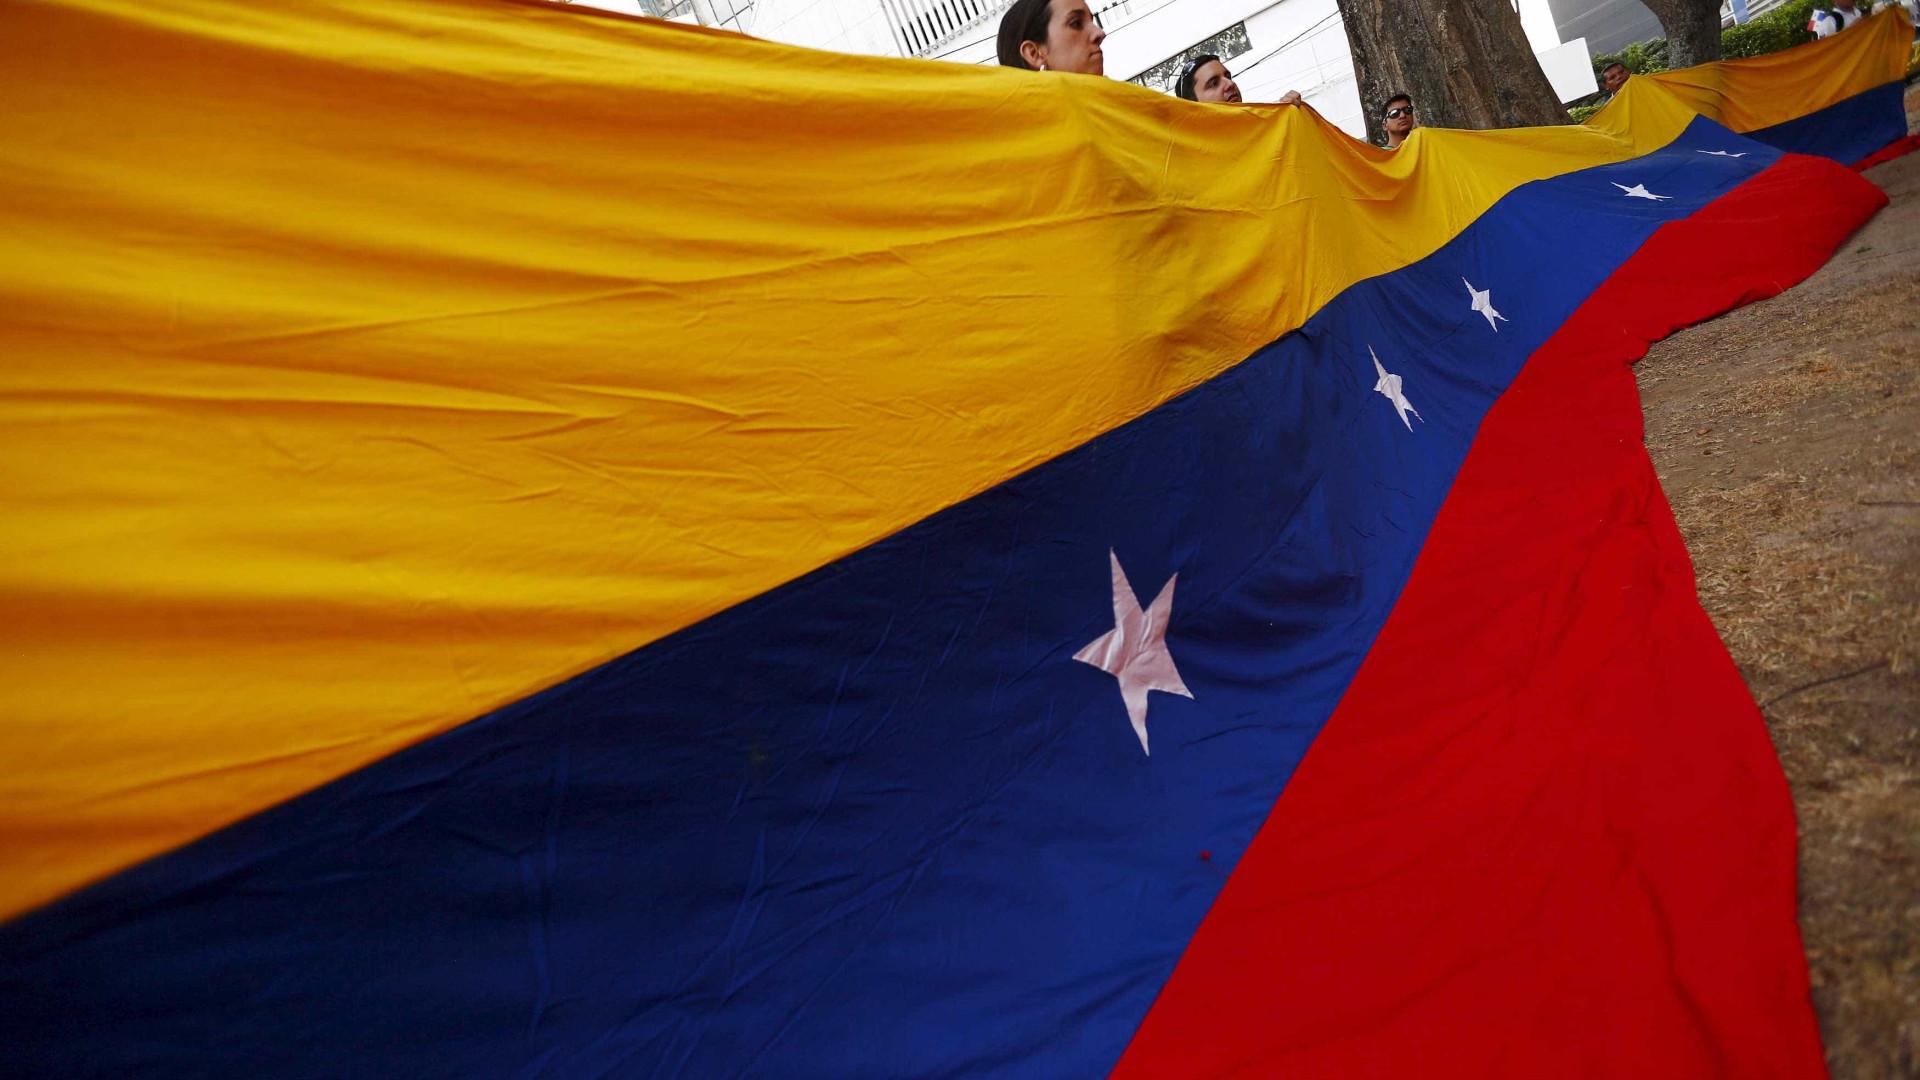 Chanceleres da Venezuela e da Colômbia discutem situação na fronteira